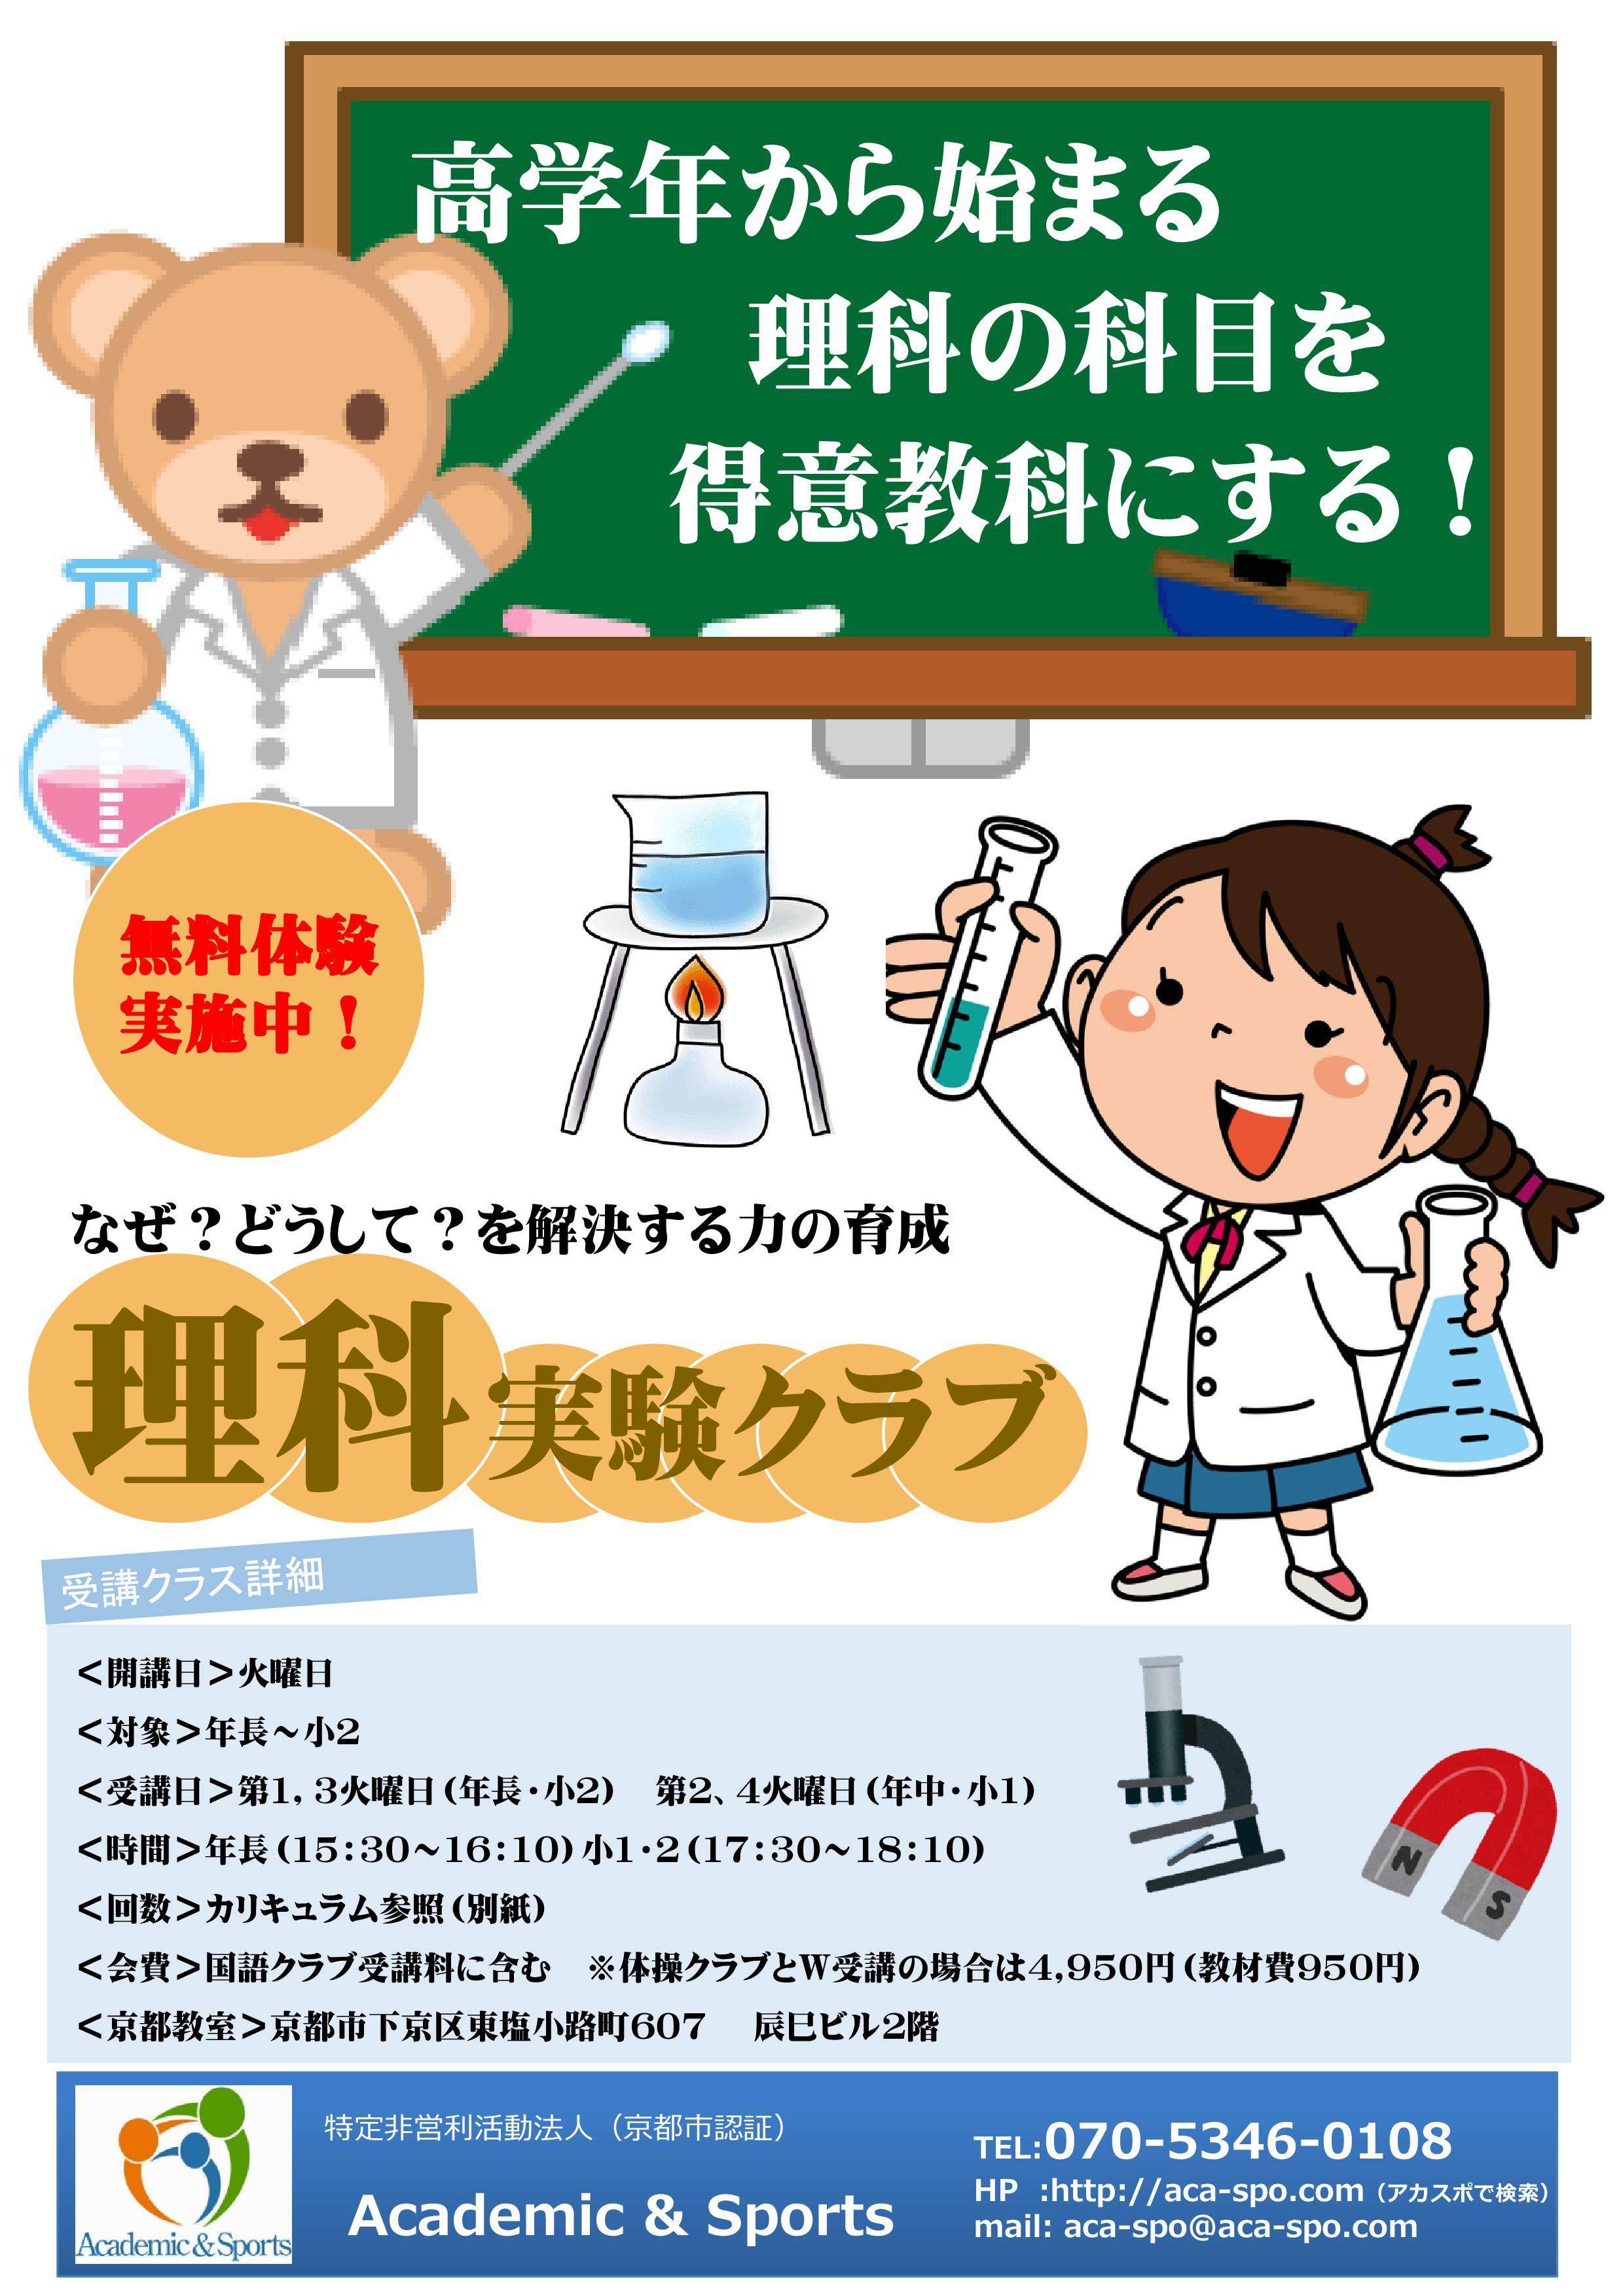 【京都教室】理科実験スクール開講!